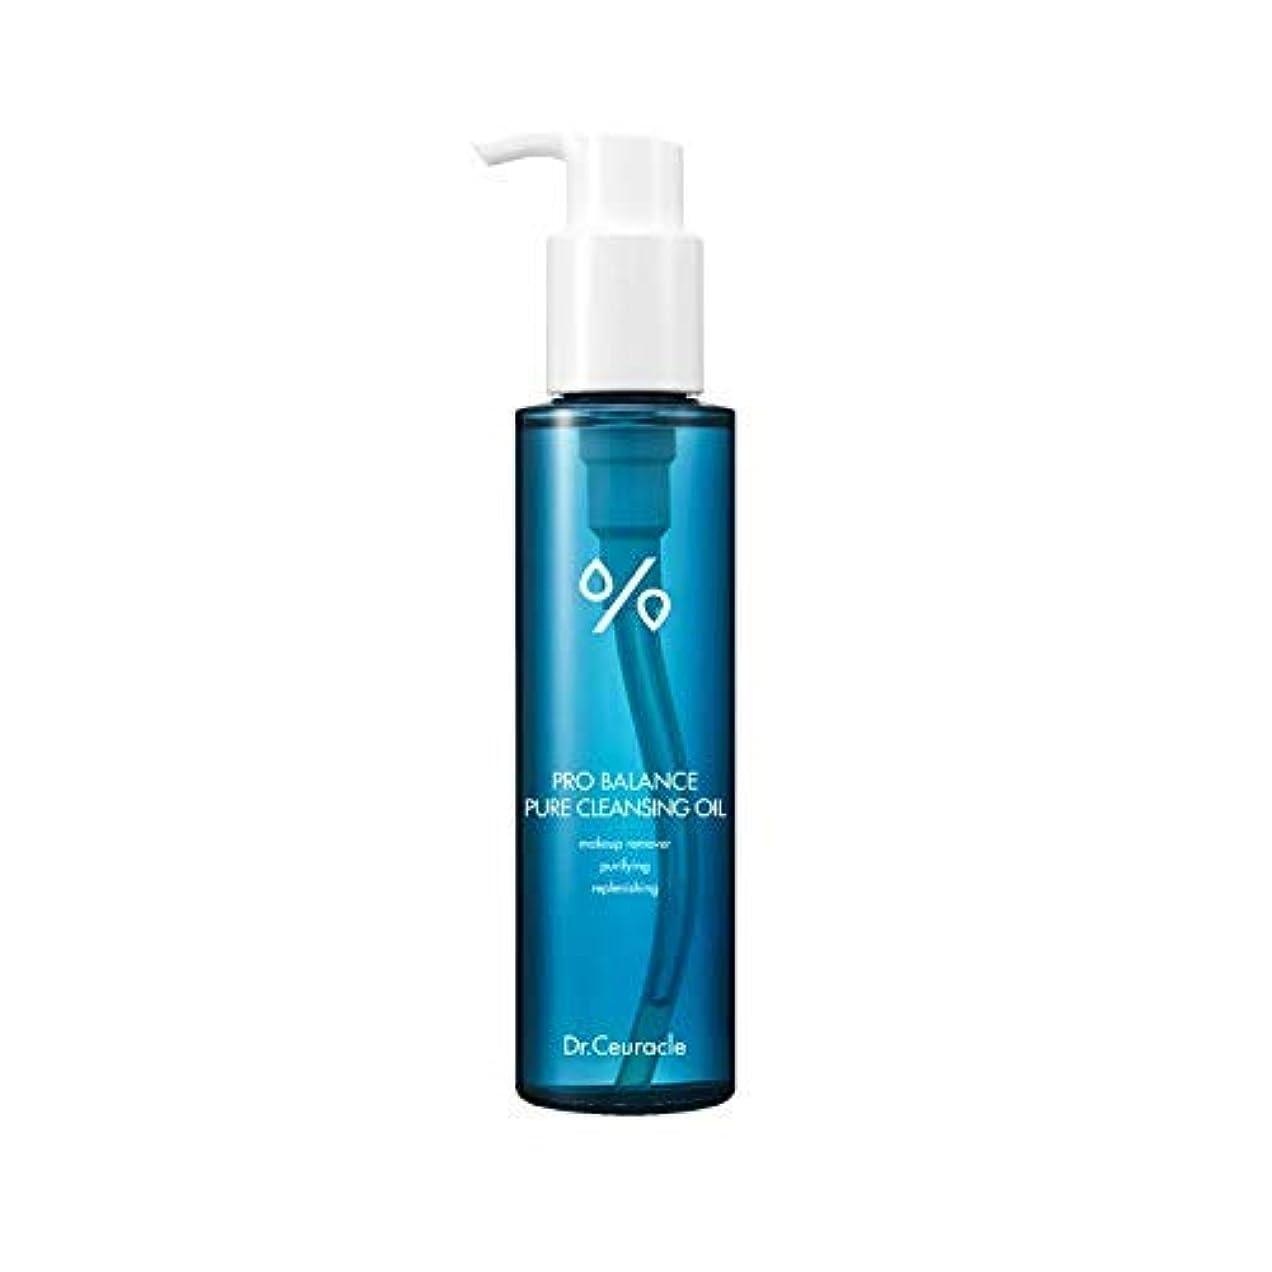 震え上陸同僚Dr.Ceuracle[ドクター·シュラクル] プロ バランス ピュア クレンジング オイル/Pro Balance Pure Cleansing Oil (155ml) [並行輸入品]